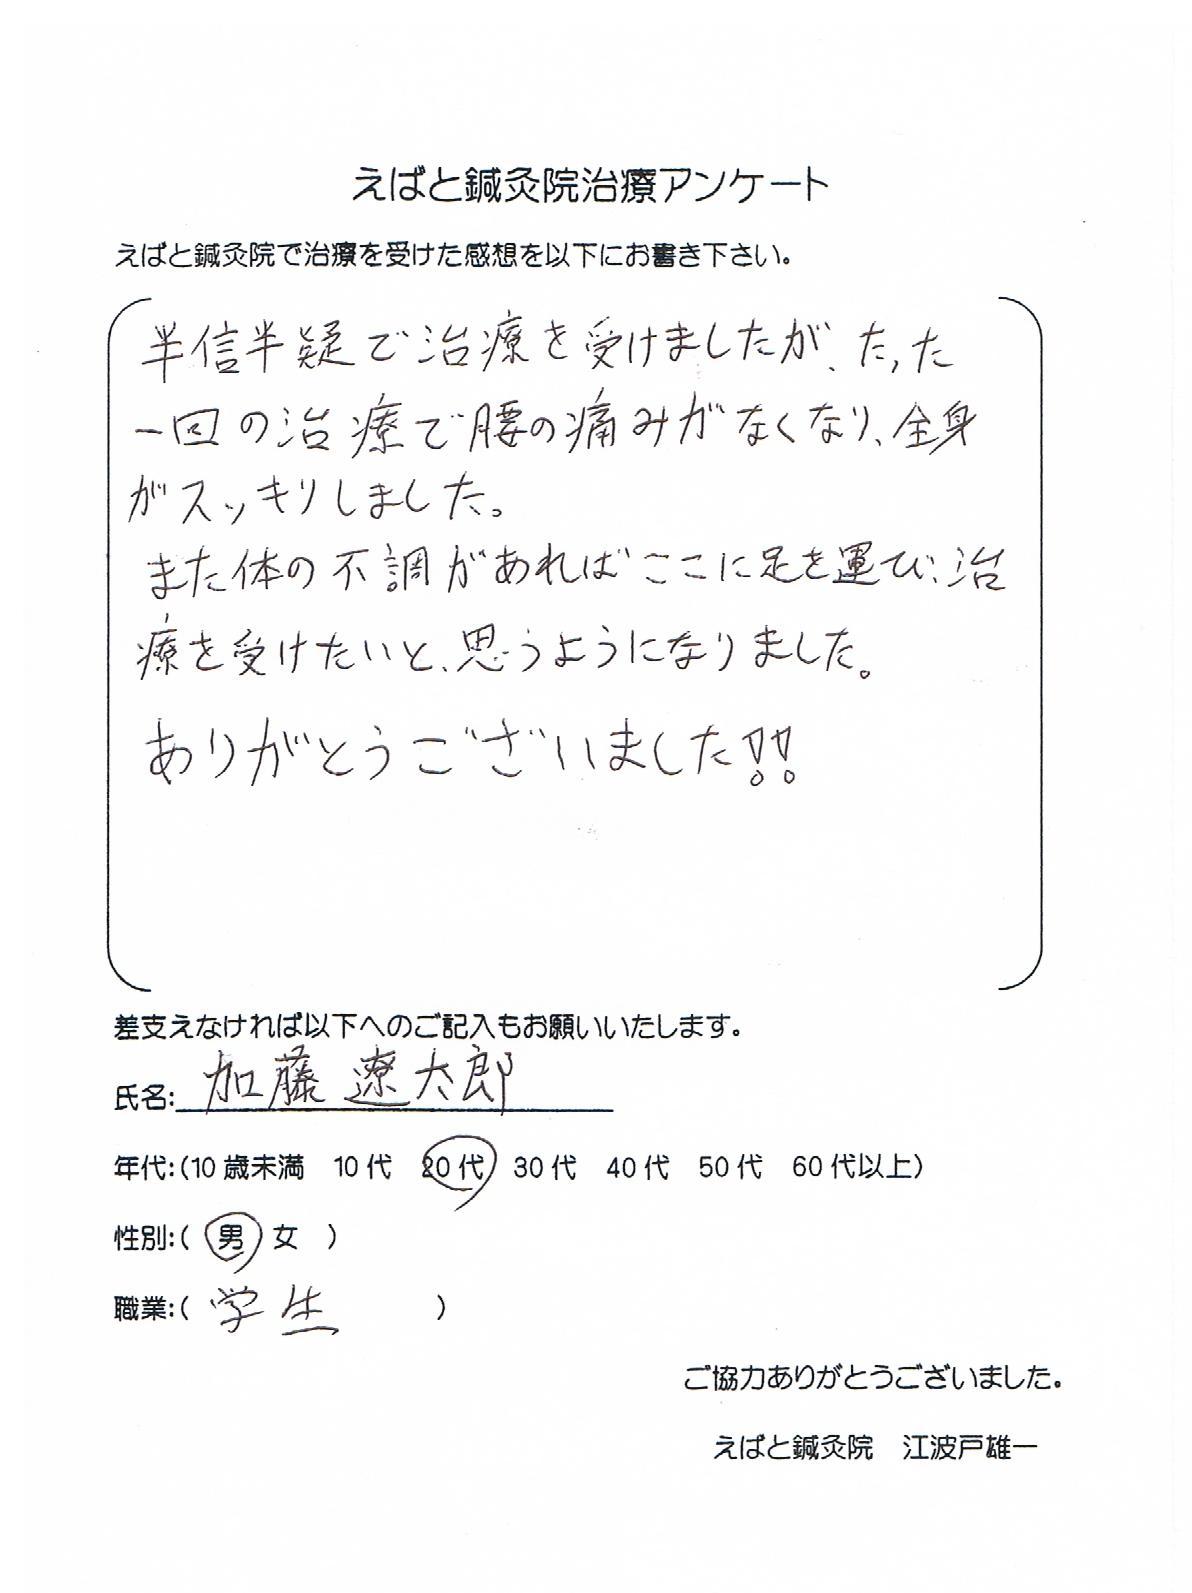 患者様の声:加藤遼太郎